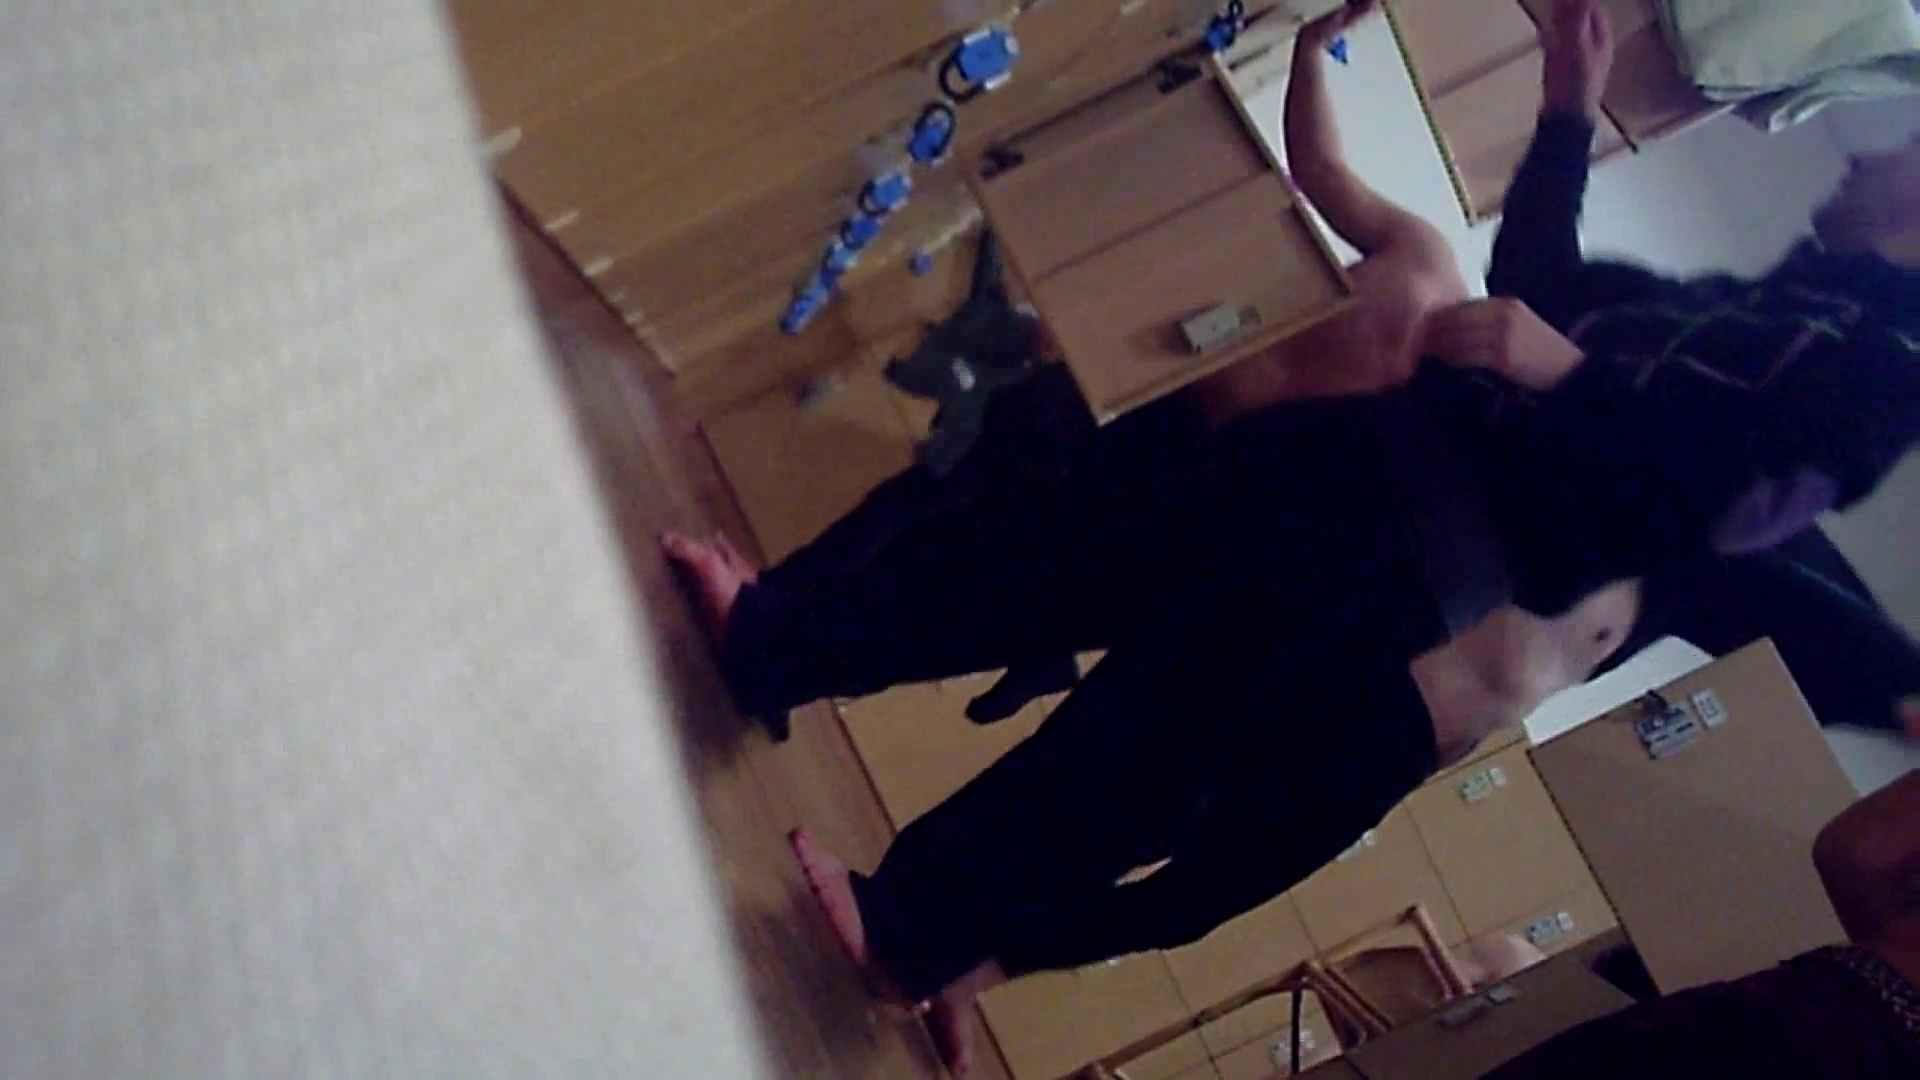 普段の貴方を隠し撮り Vol.06 隠撮 ゲイヌード画像 78pic 71